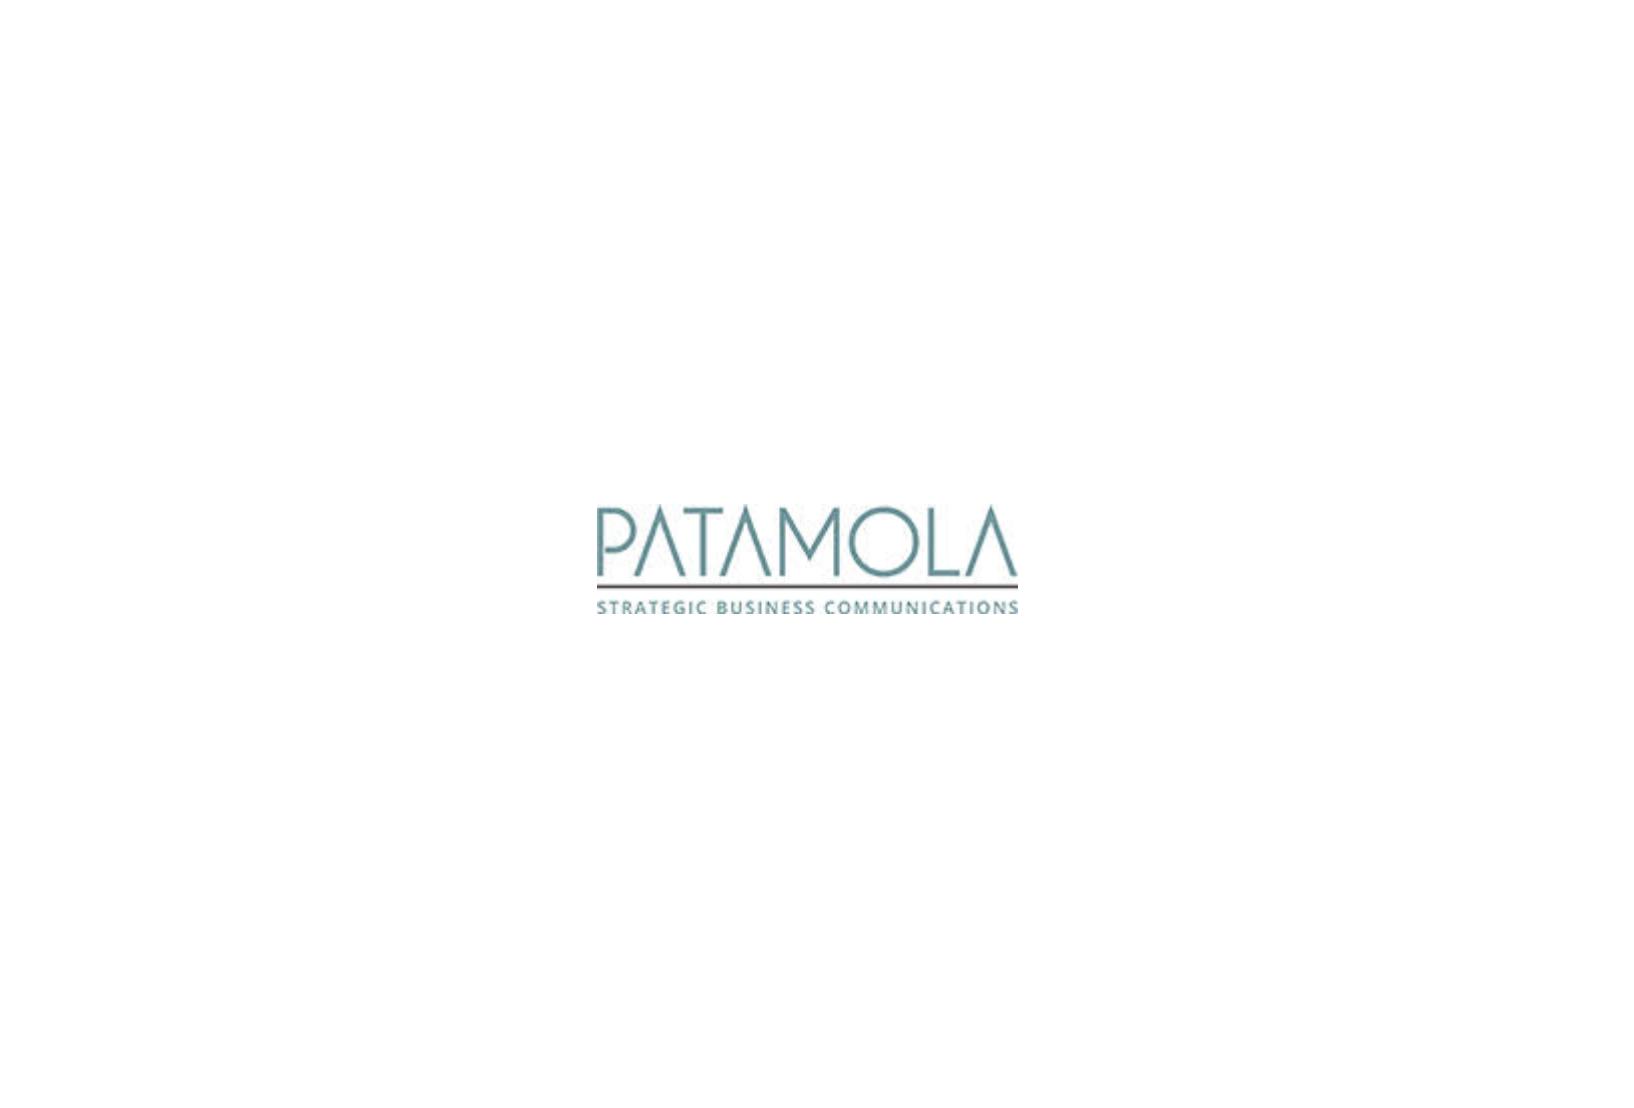 Patamola